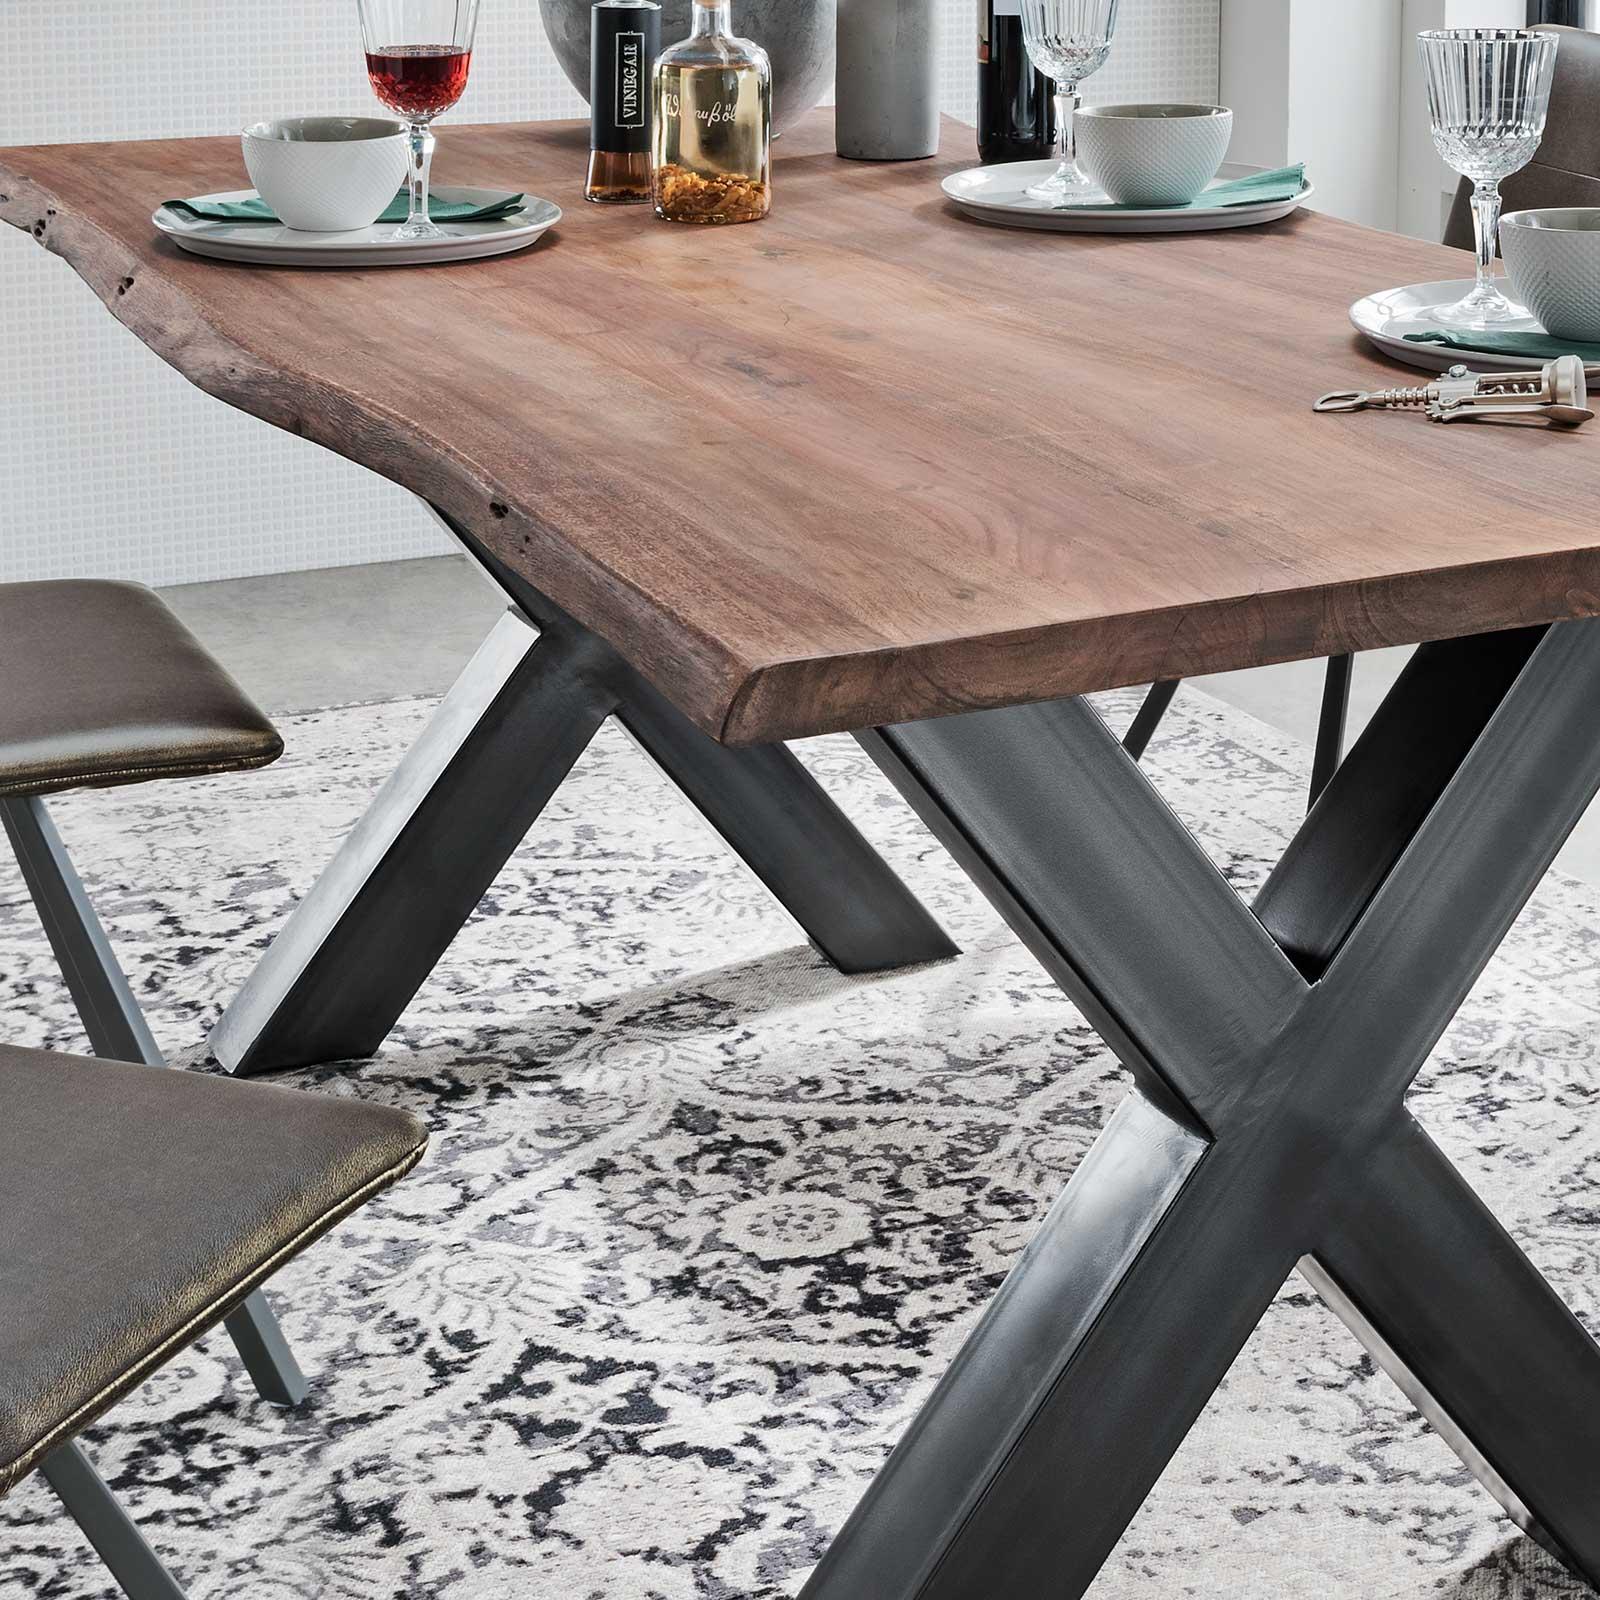 Details zu Baumkantentisch Esstisch Baumkante Massiv Dunkelbraun geölt X  Gestell Antik Grau